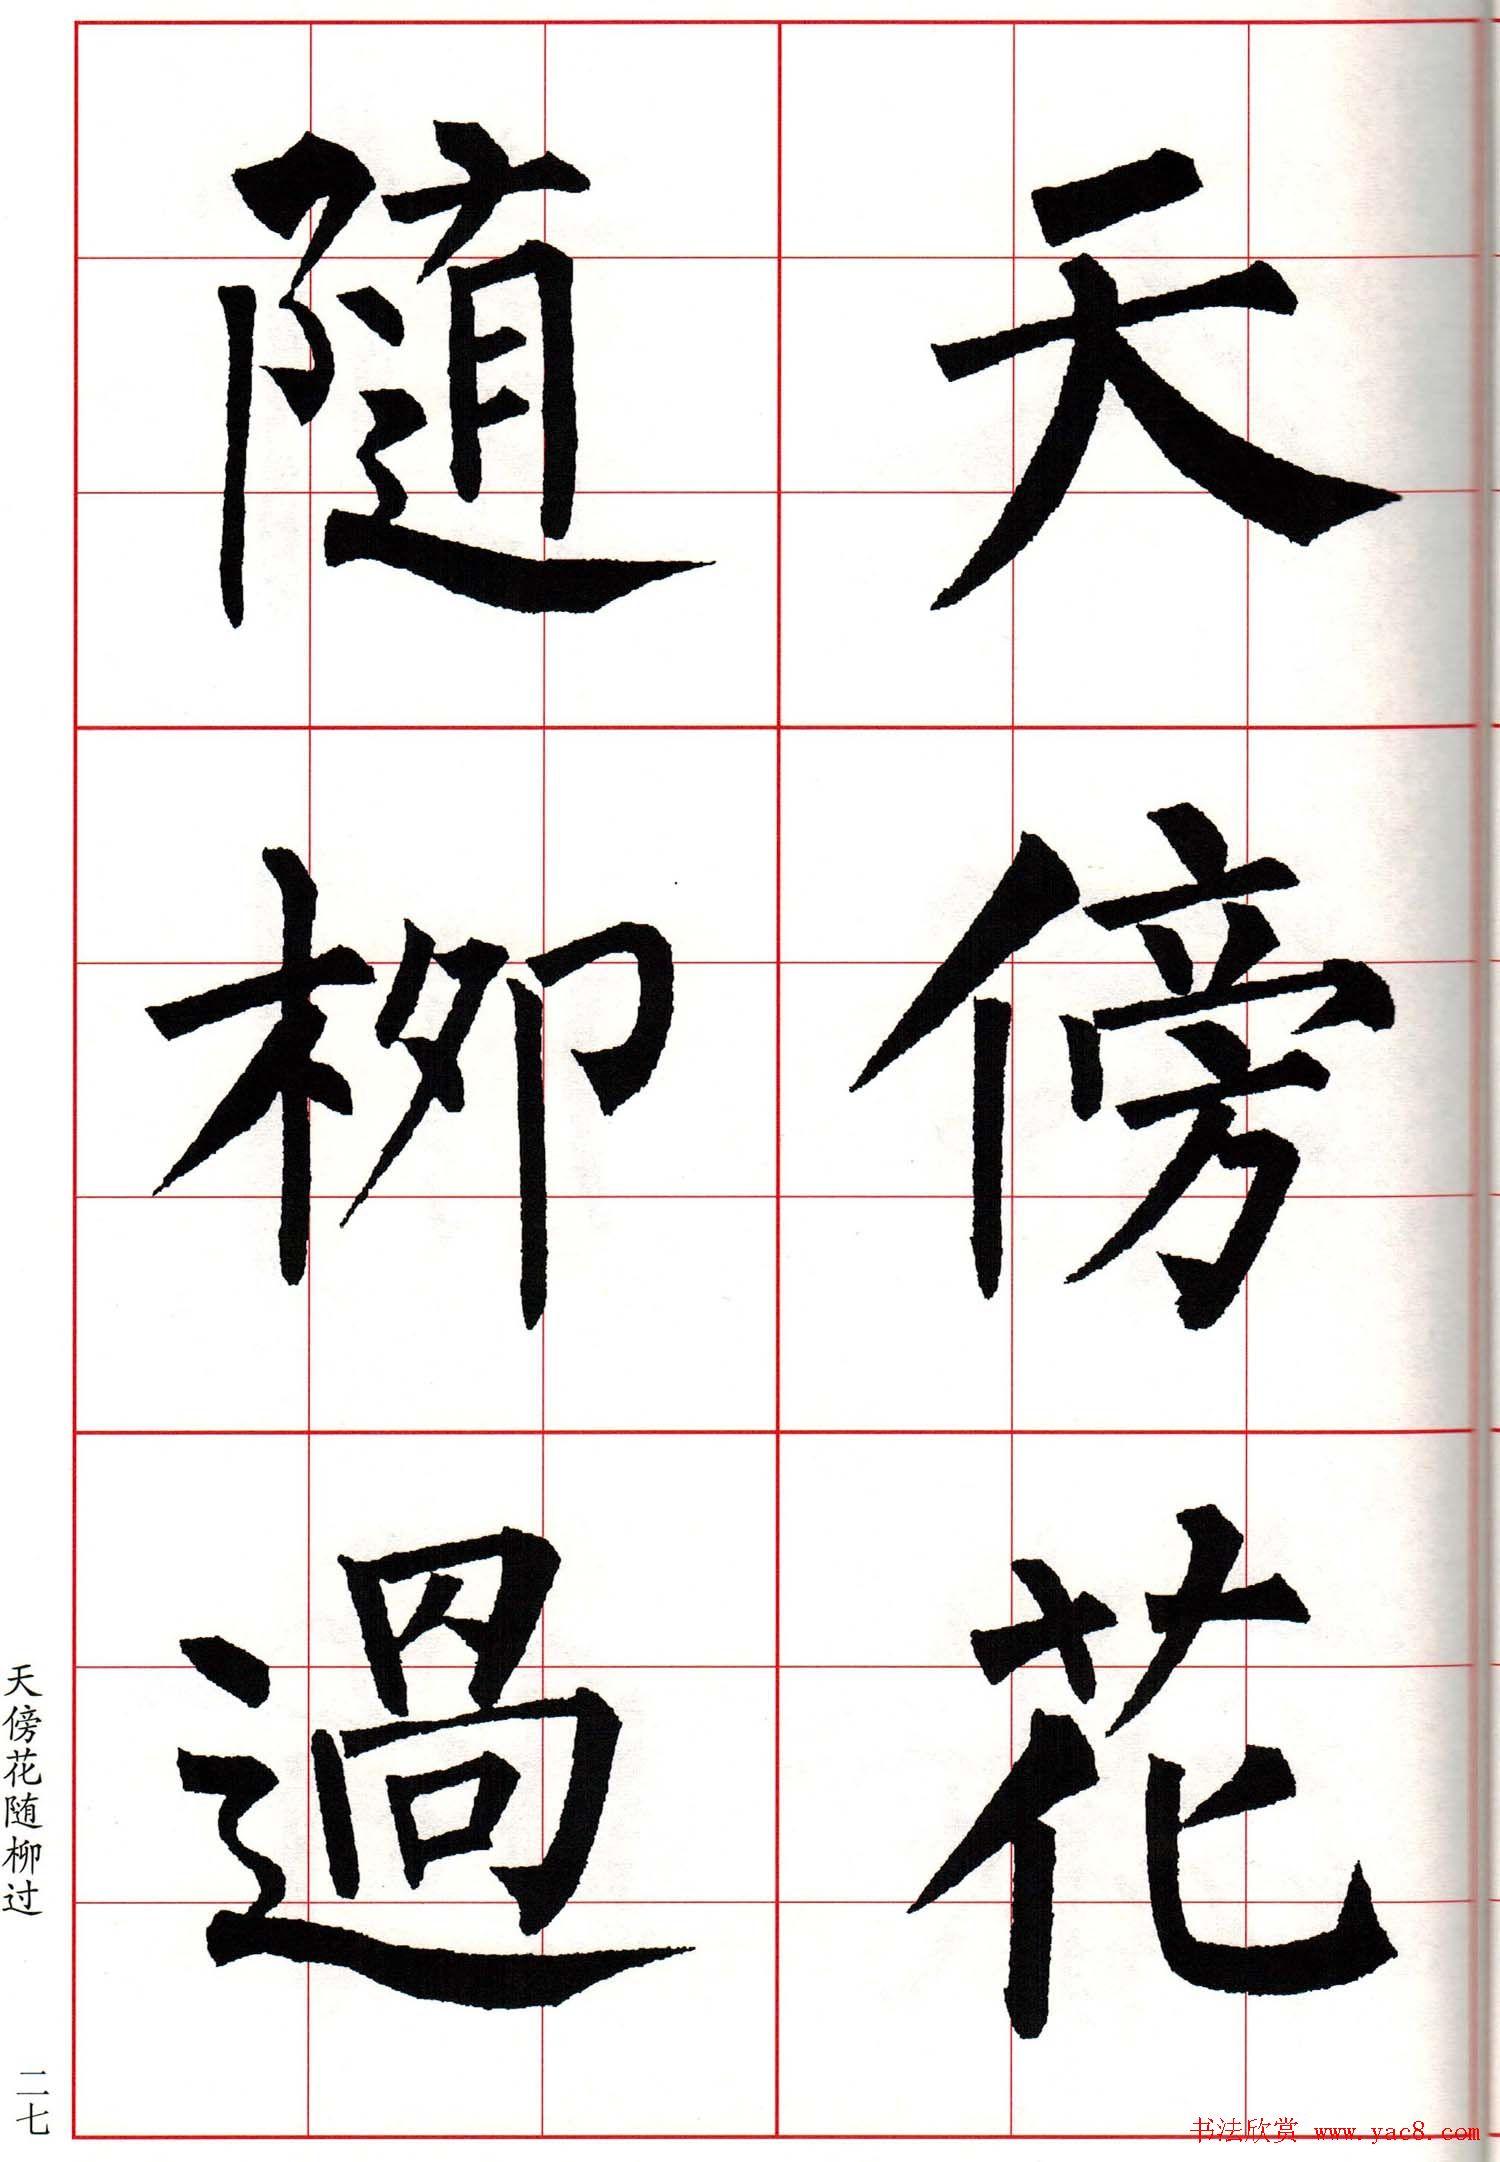 七年级古诗书法大全 繁体字古诗书法字帖 古诗书法作品欣赏